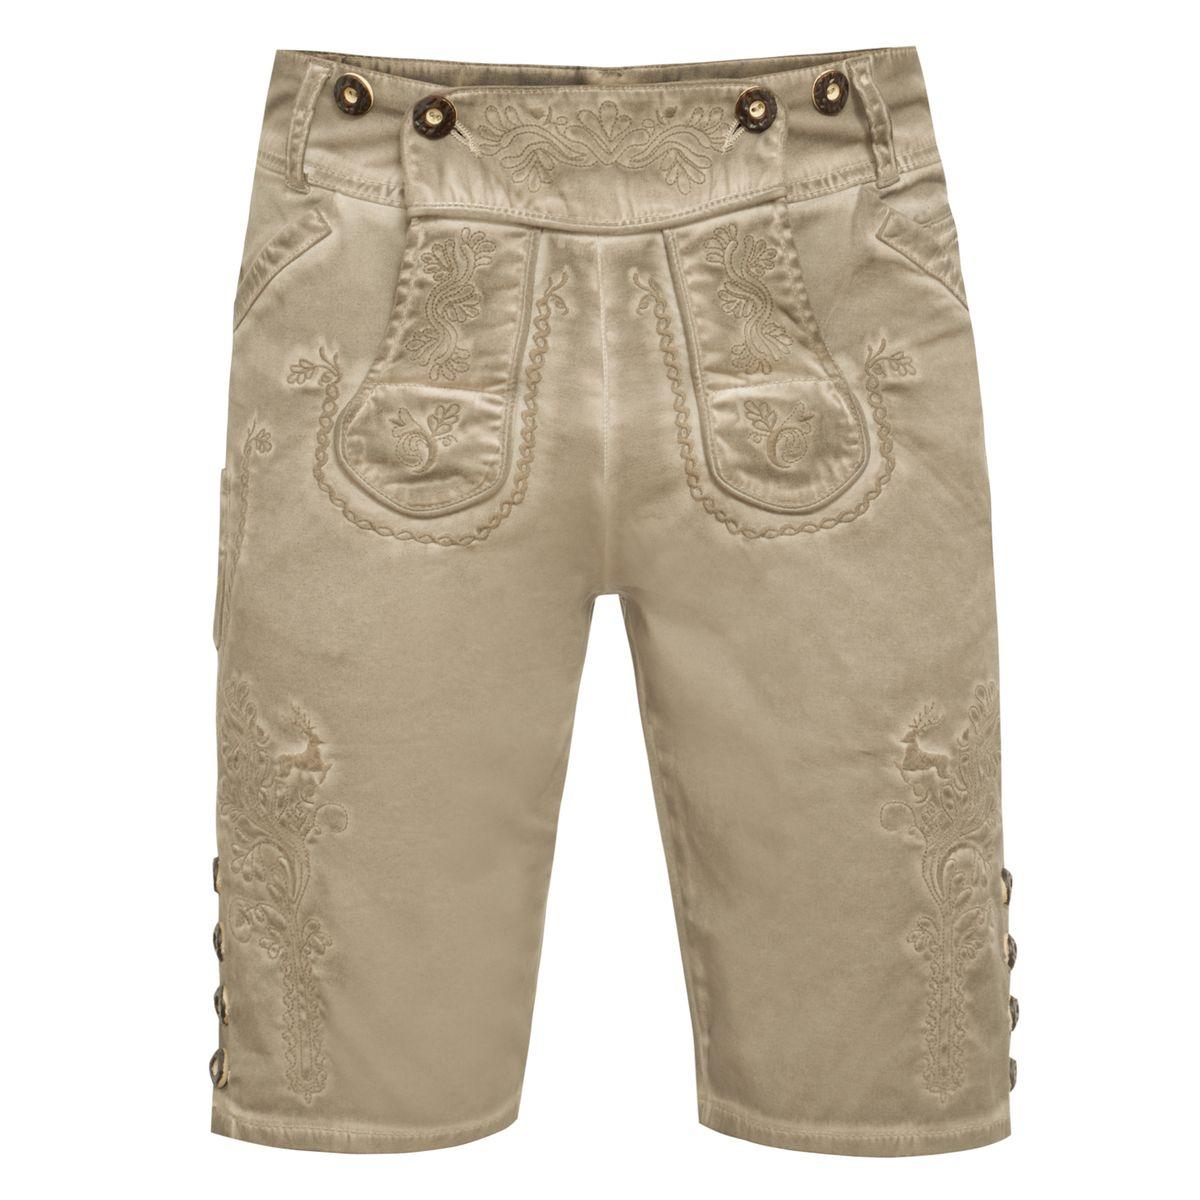 Jeans-Lederhose Xare in Beige von Marjo Trachten